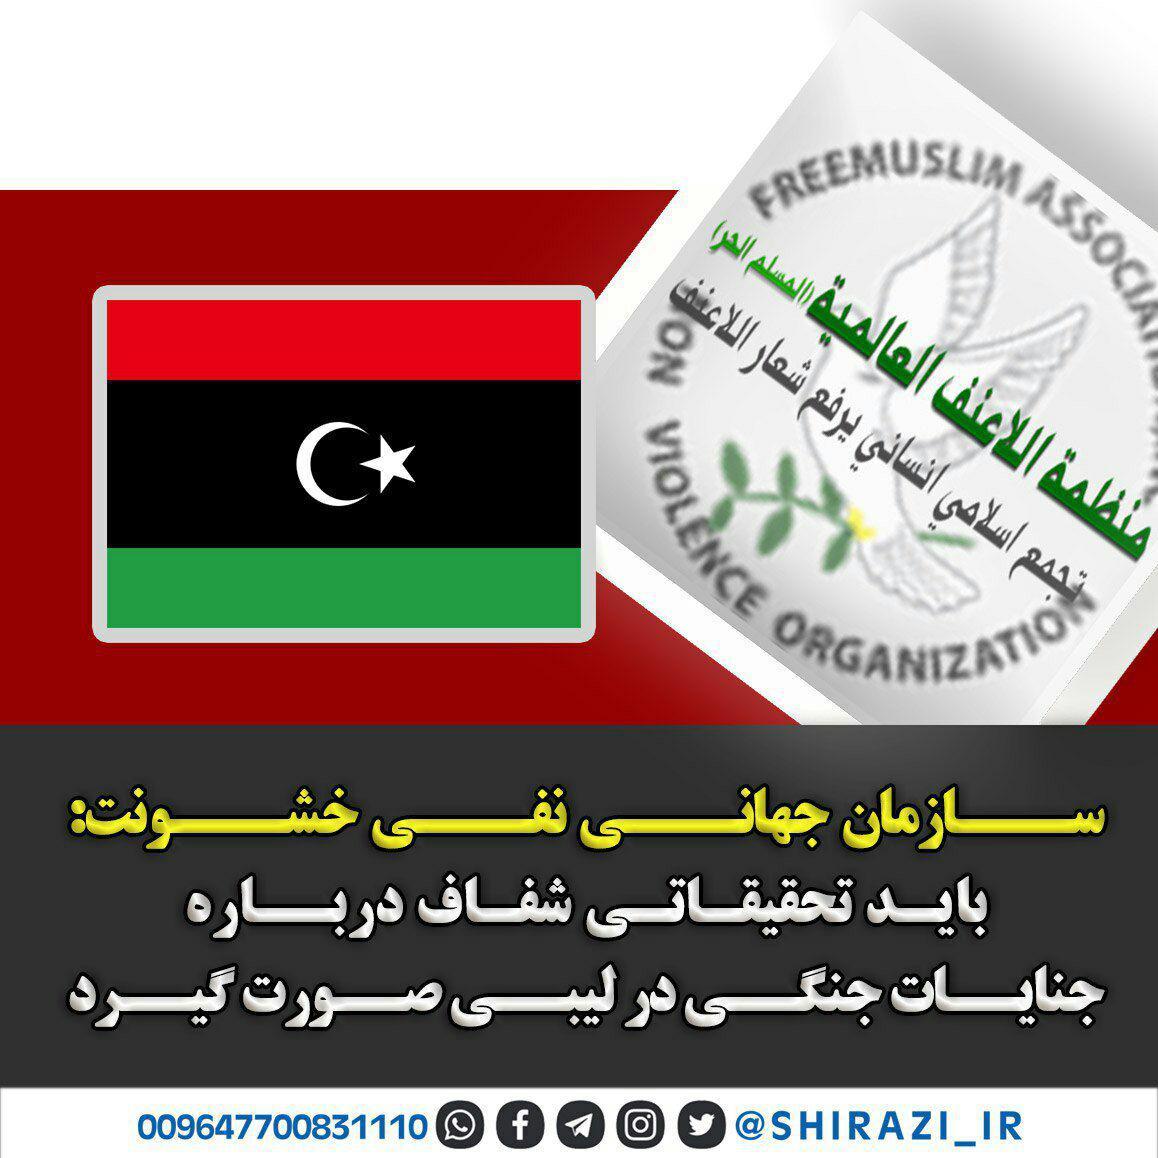 تصویر سازمان جهانی نفی خشونت: باید تحقیقاتی شفاف درباره جنایات جنگی در لیبی صورت گیرد